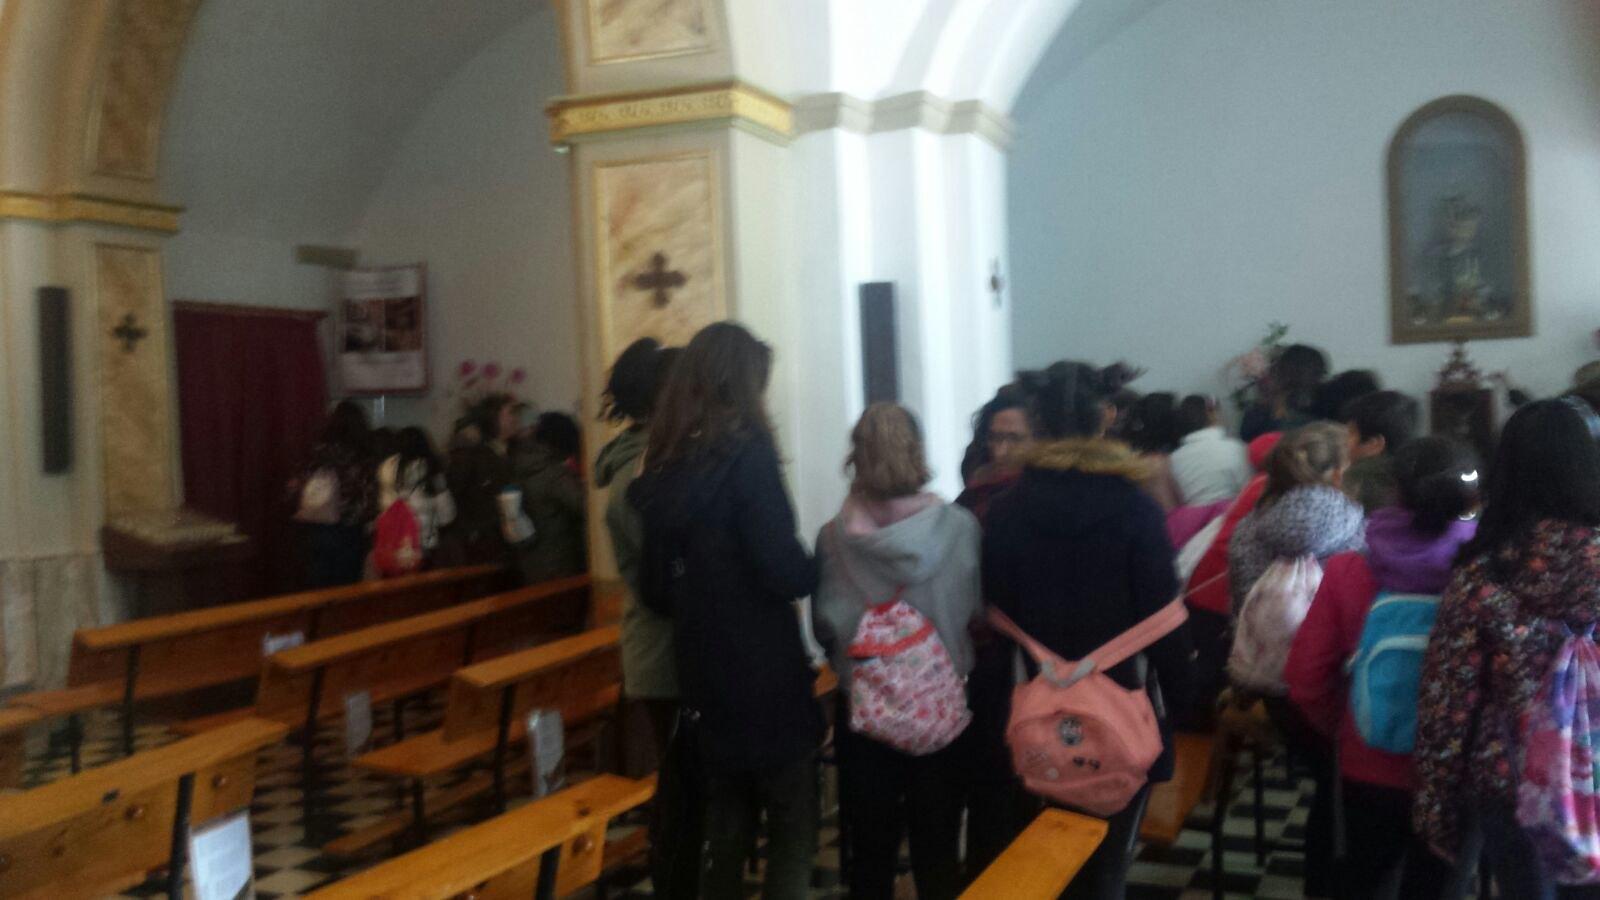 (2018-03-19) - Visita ermita alumnos Yolada-Pilar,6º, Virrey Poveda-9 de Octubre - Maria Isabel Berenquer Brotons - (11)